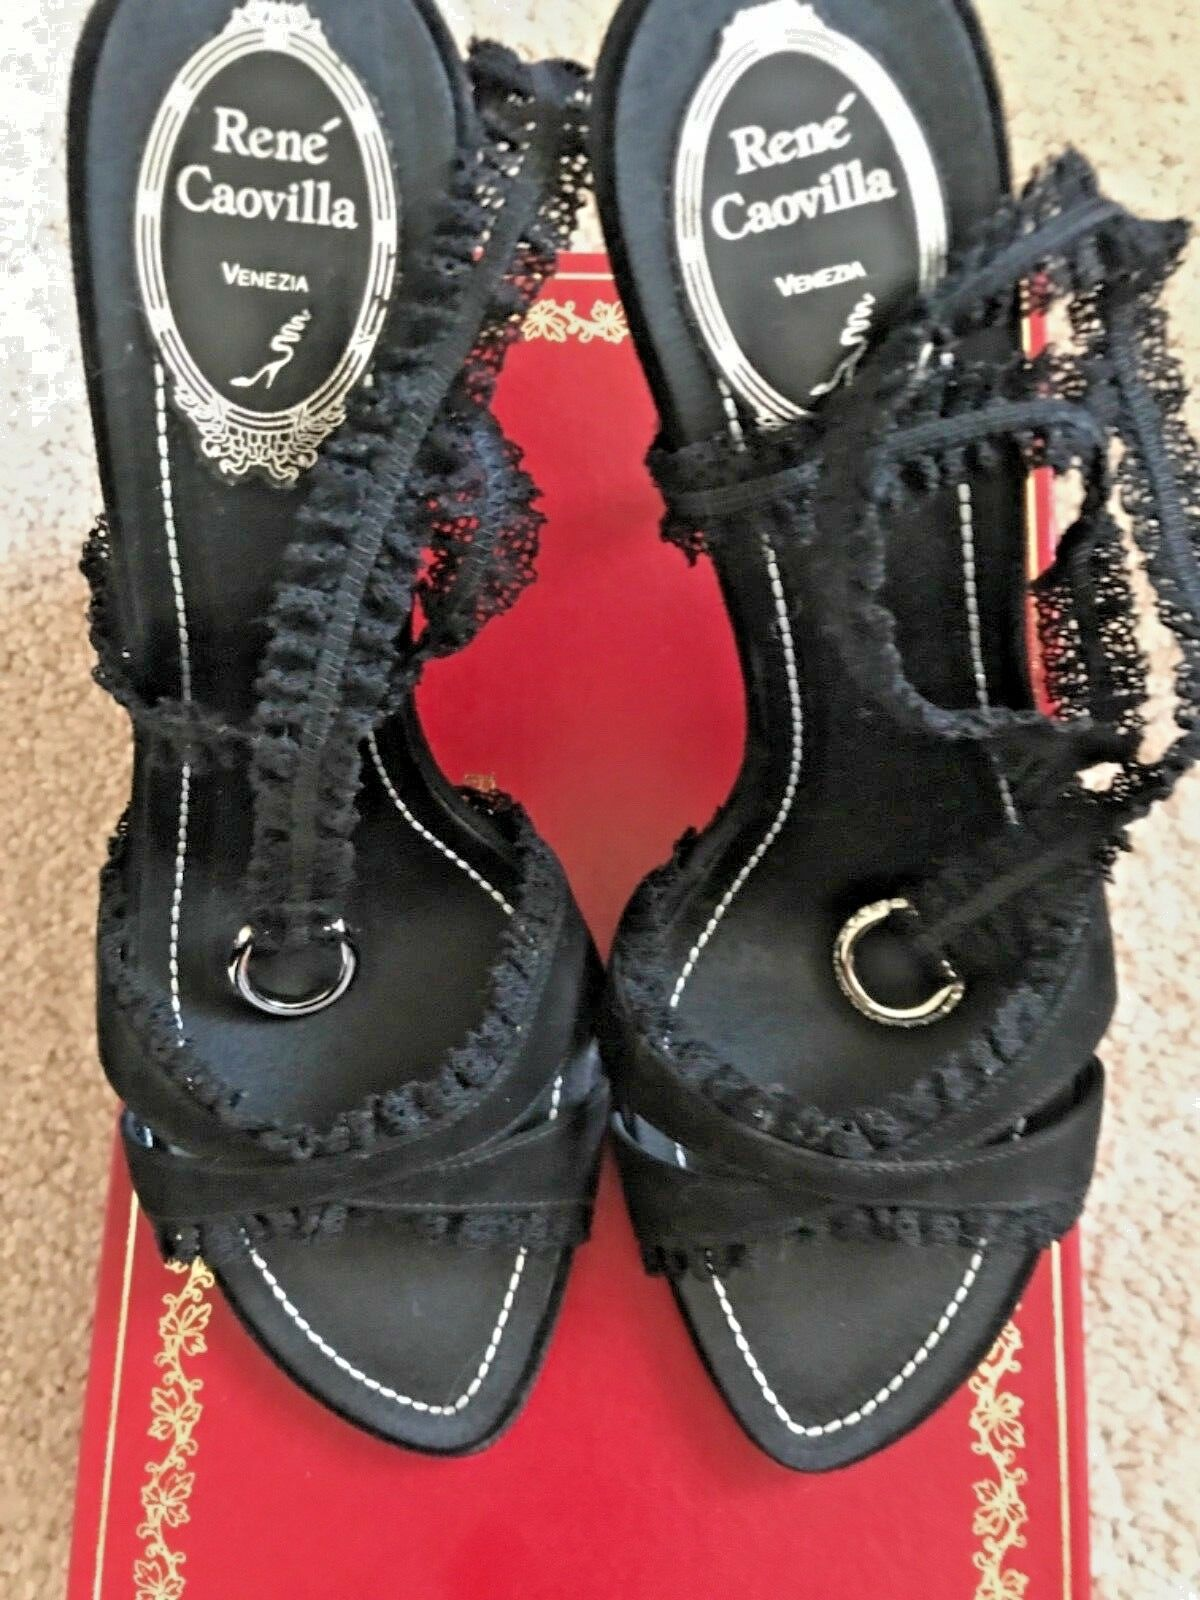 con il prezzo economico per ottenere la migliore marca Rene Rene Rene Caovilla, NWB, foot lingerie, nero lace strap Dimensione 8.5 free shipping  Sconto del 70%